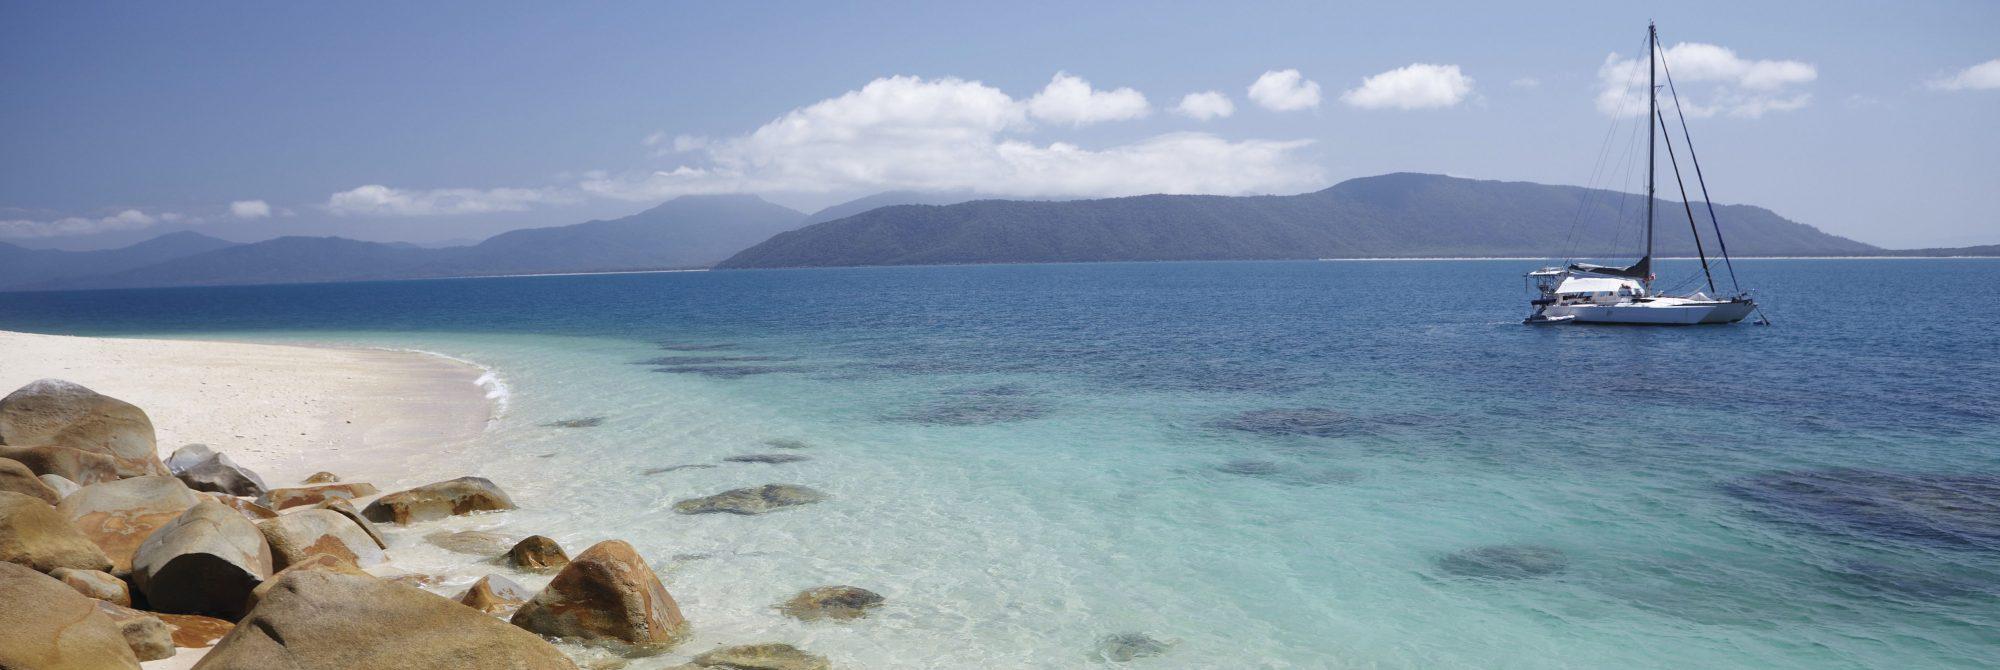 Nudey Beach, Fitzroy Island, QLD